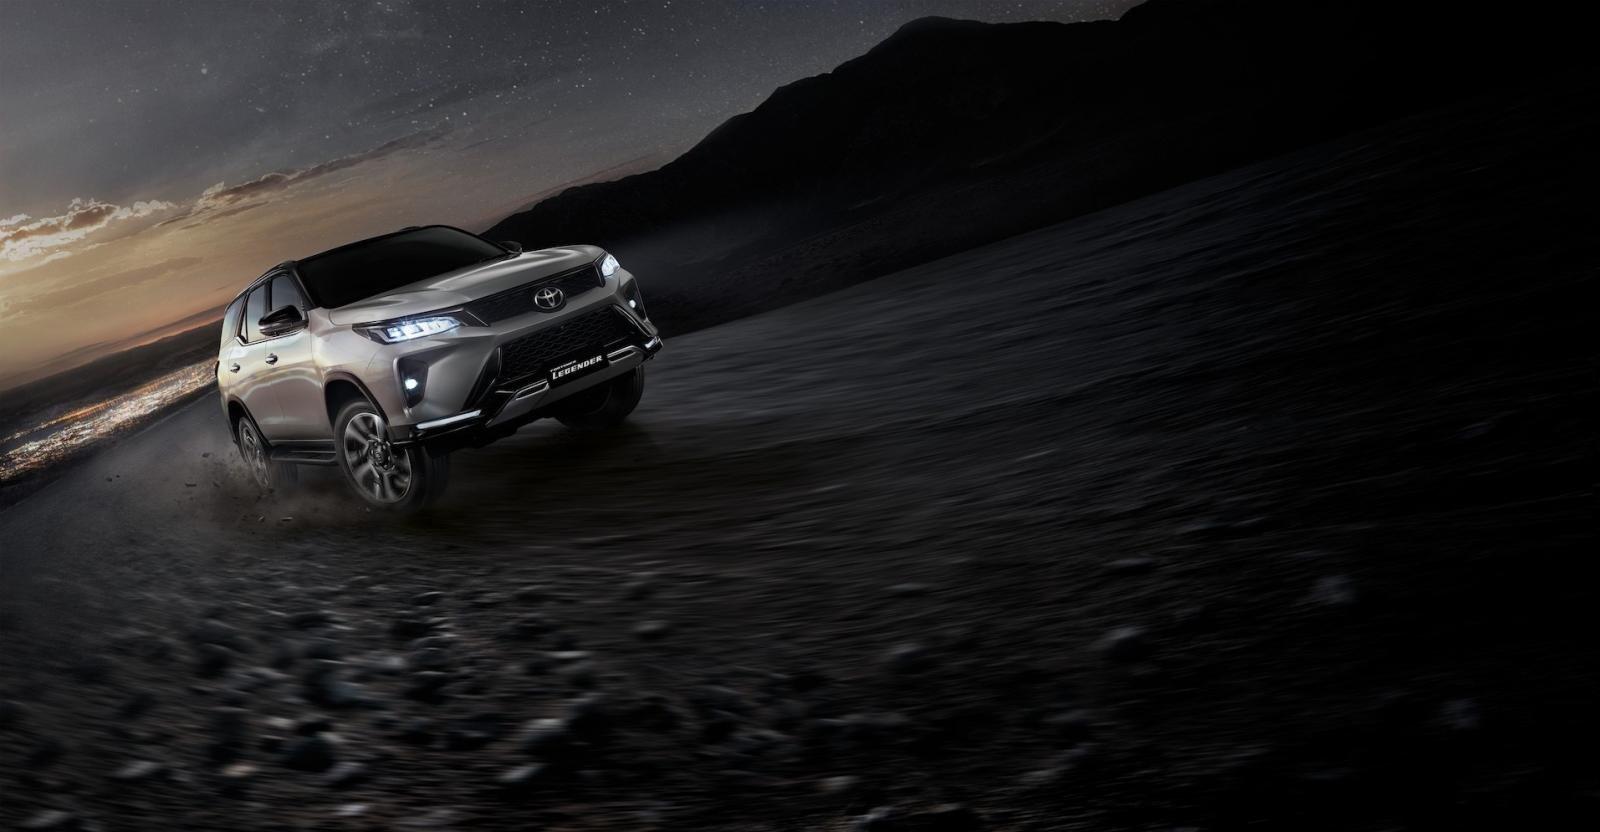 Ảnh chi tiết Toyota Fortuner Legender 2021 hoàn toàn mới vừa mở bán tại Thái Lan a1